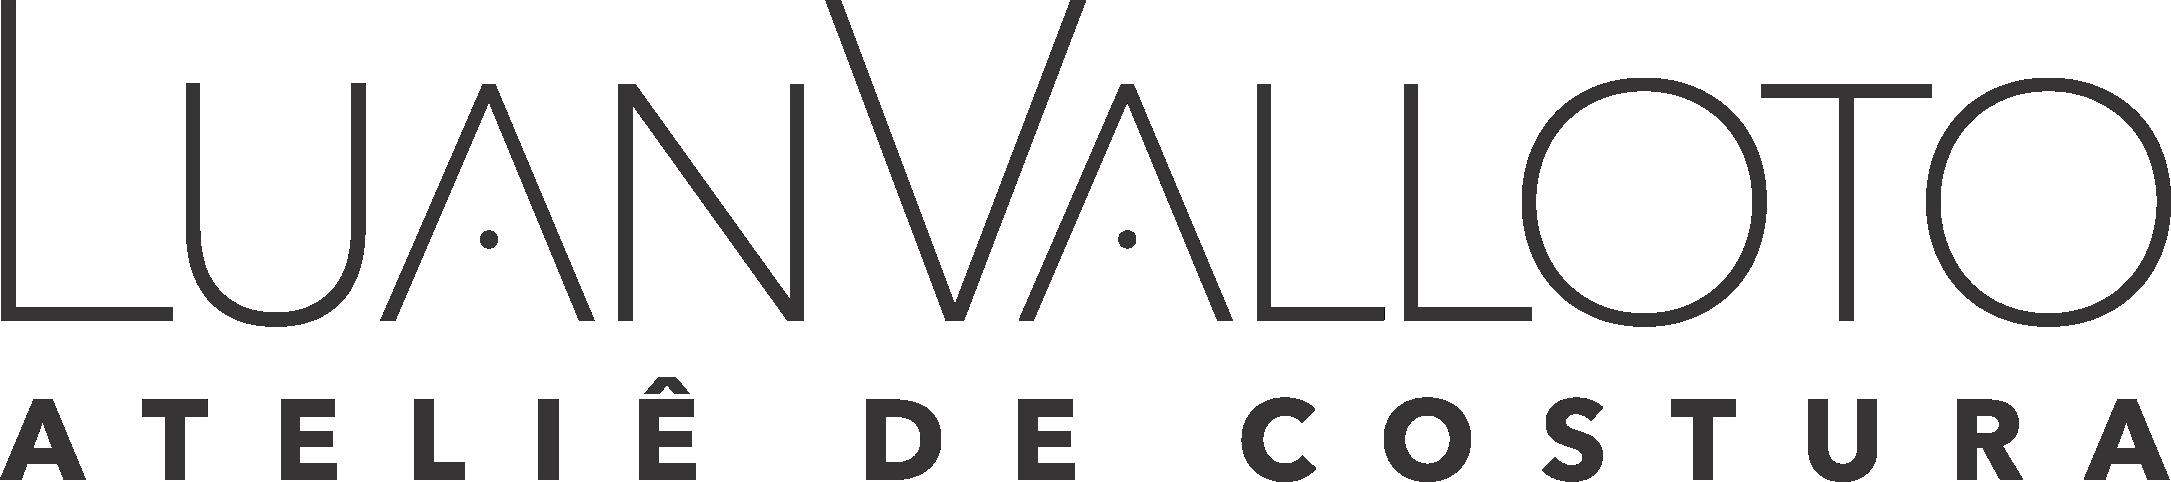 Luan Valloto